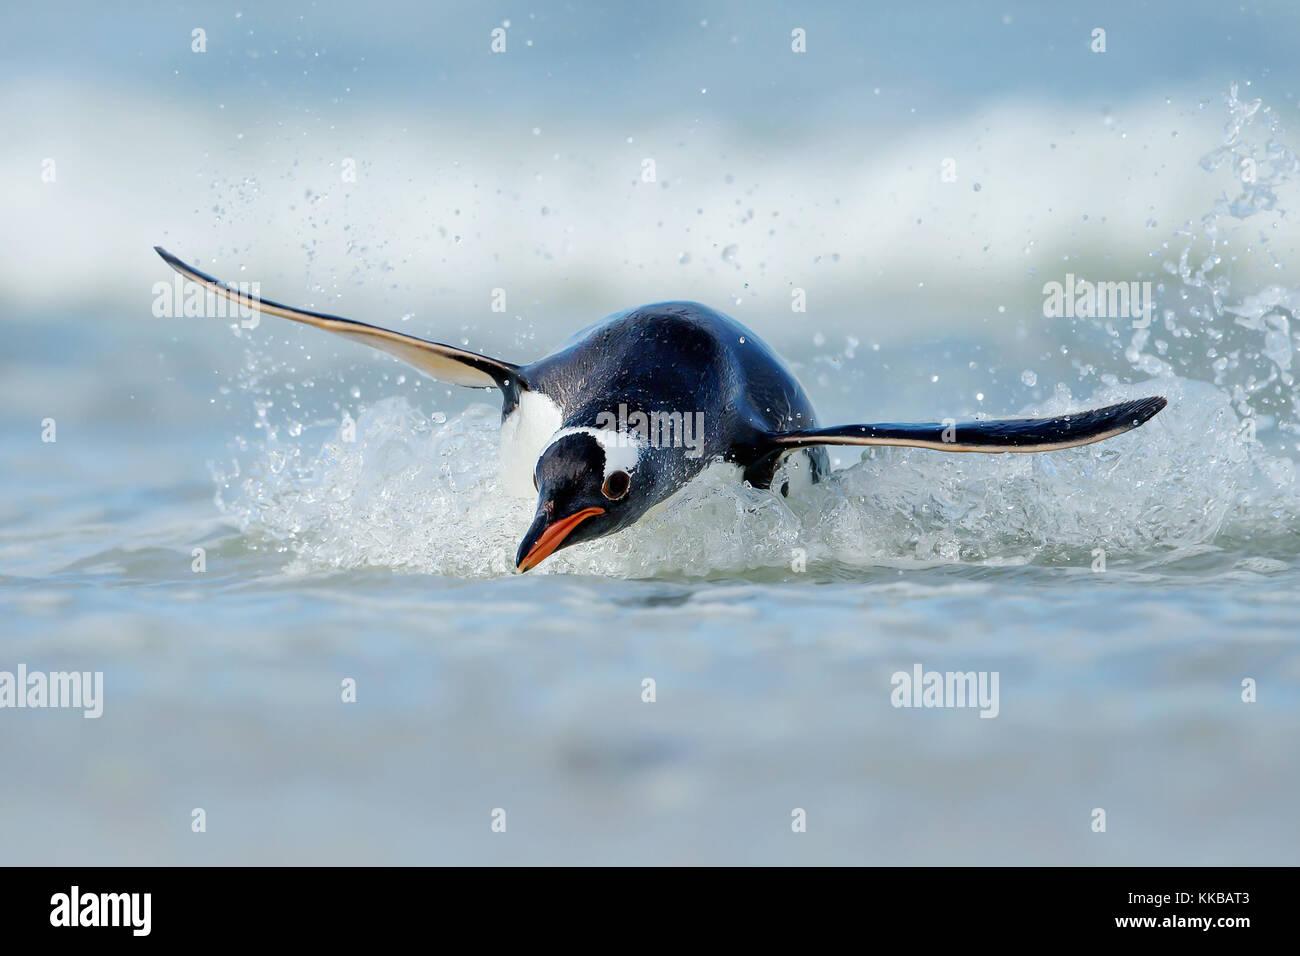 Buceo de pingüinos en las costas de las islas en el océano Atlántico Imagen De Stock